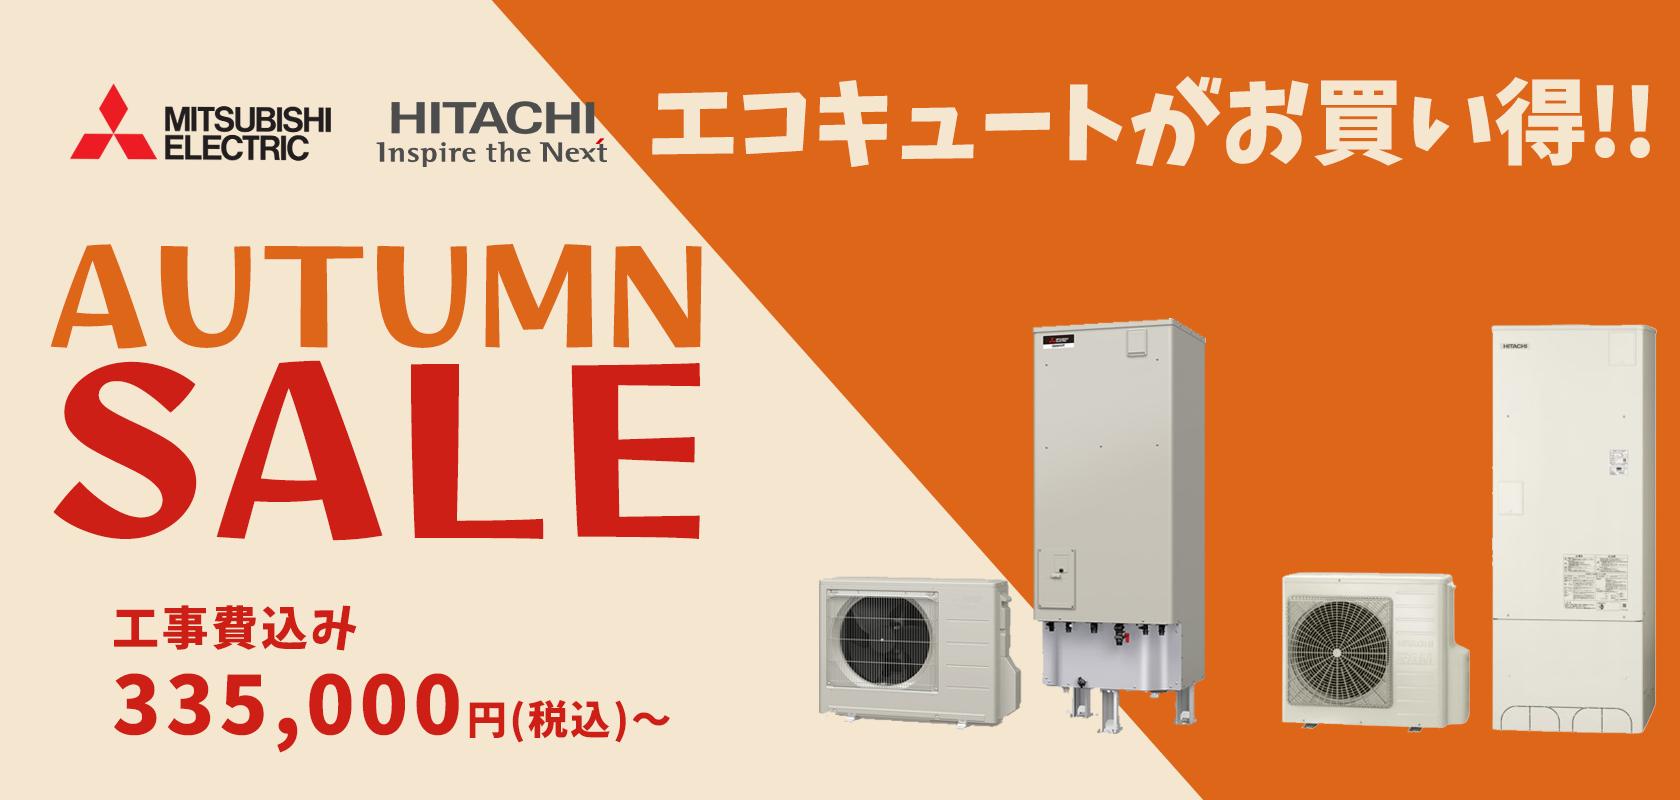 エコキュートオータムーセール!日立・三菱製のエコキュートがお買い得!